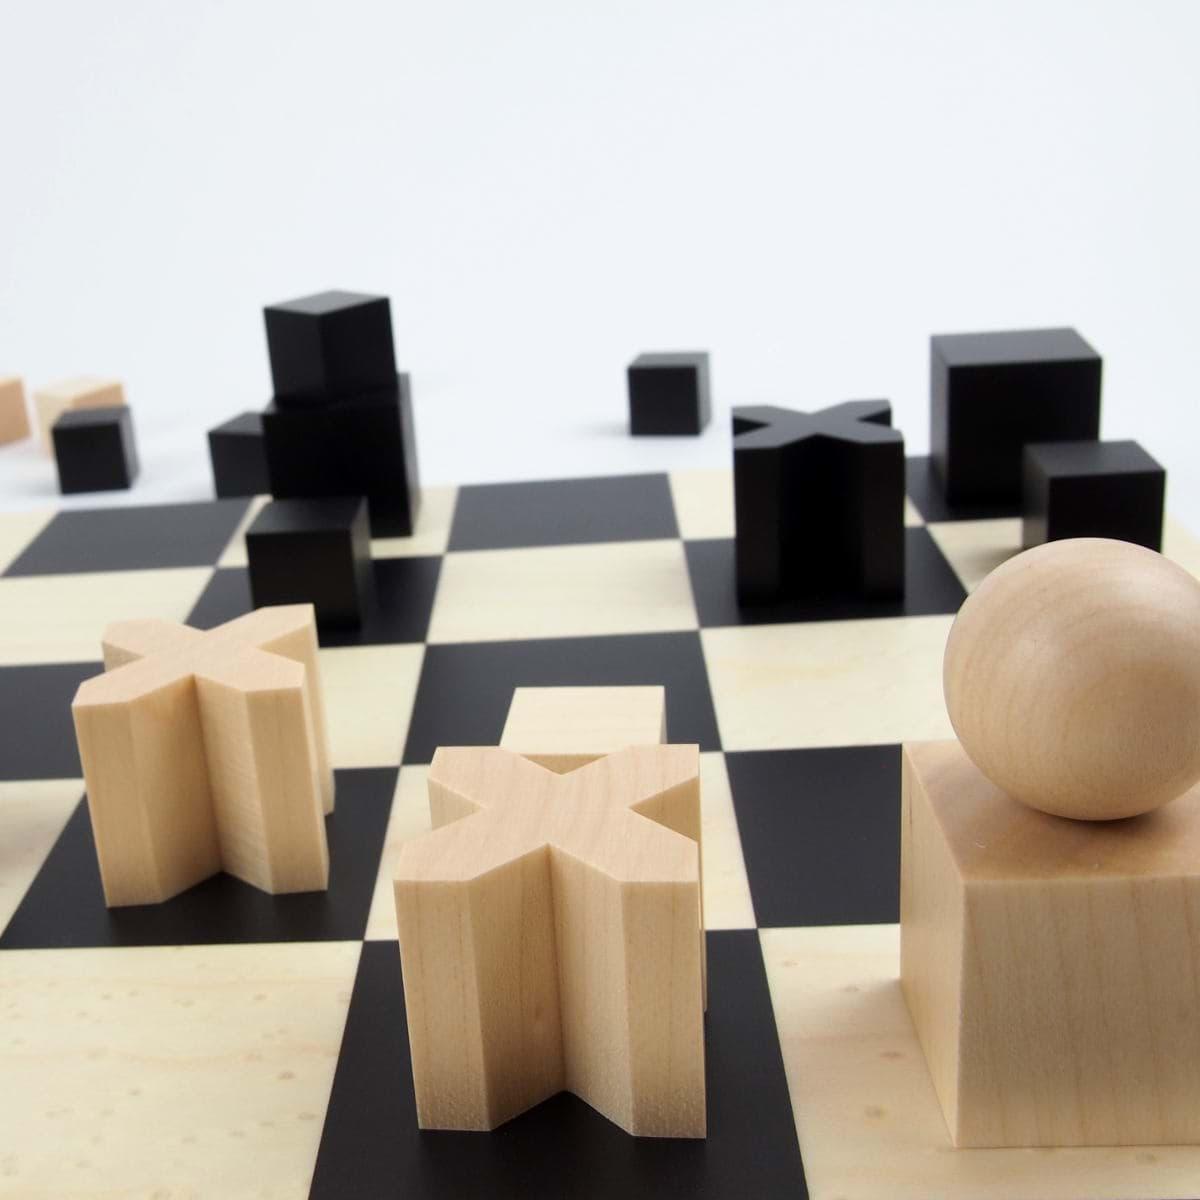 Bauhaus Shop Learn How The Bauhaus Movement Influenced